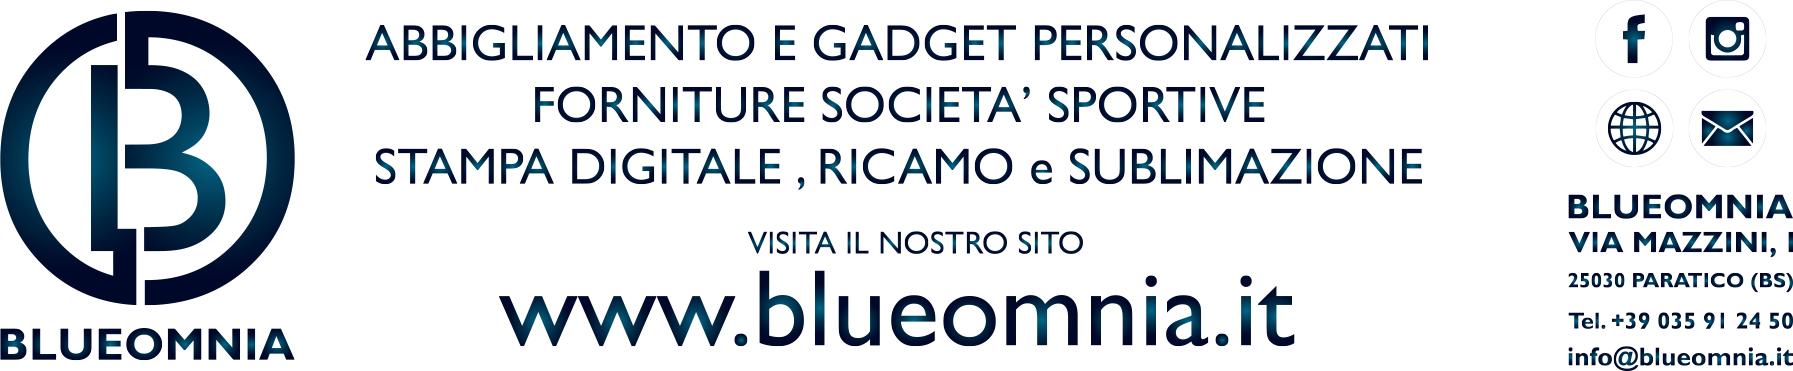 Abbigliamento Sportivo Blueomnia